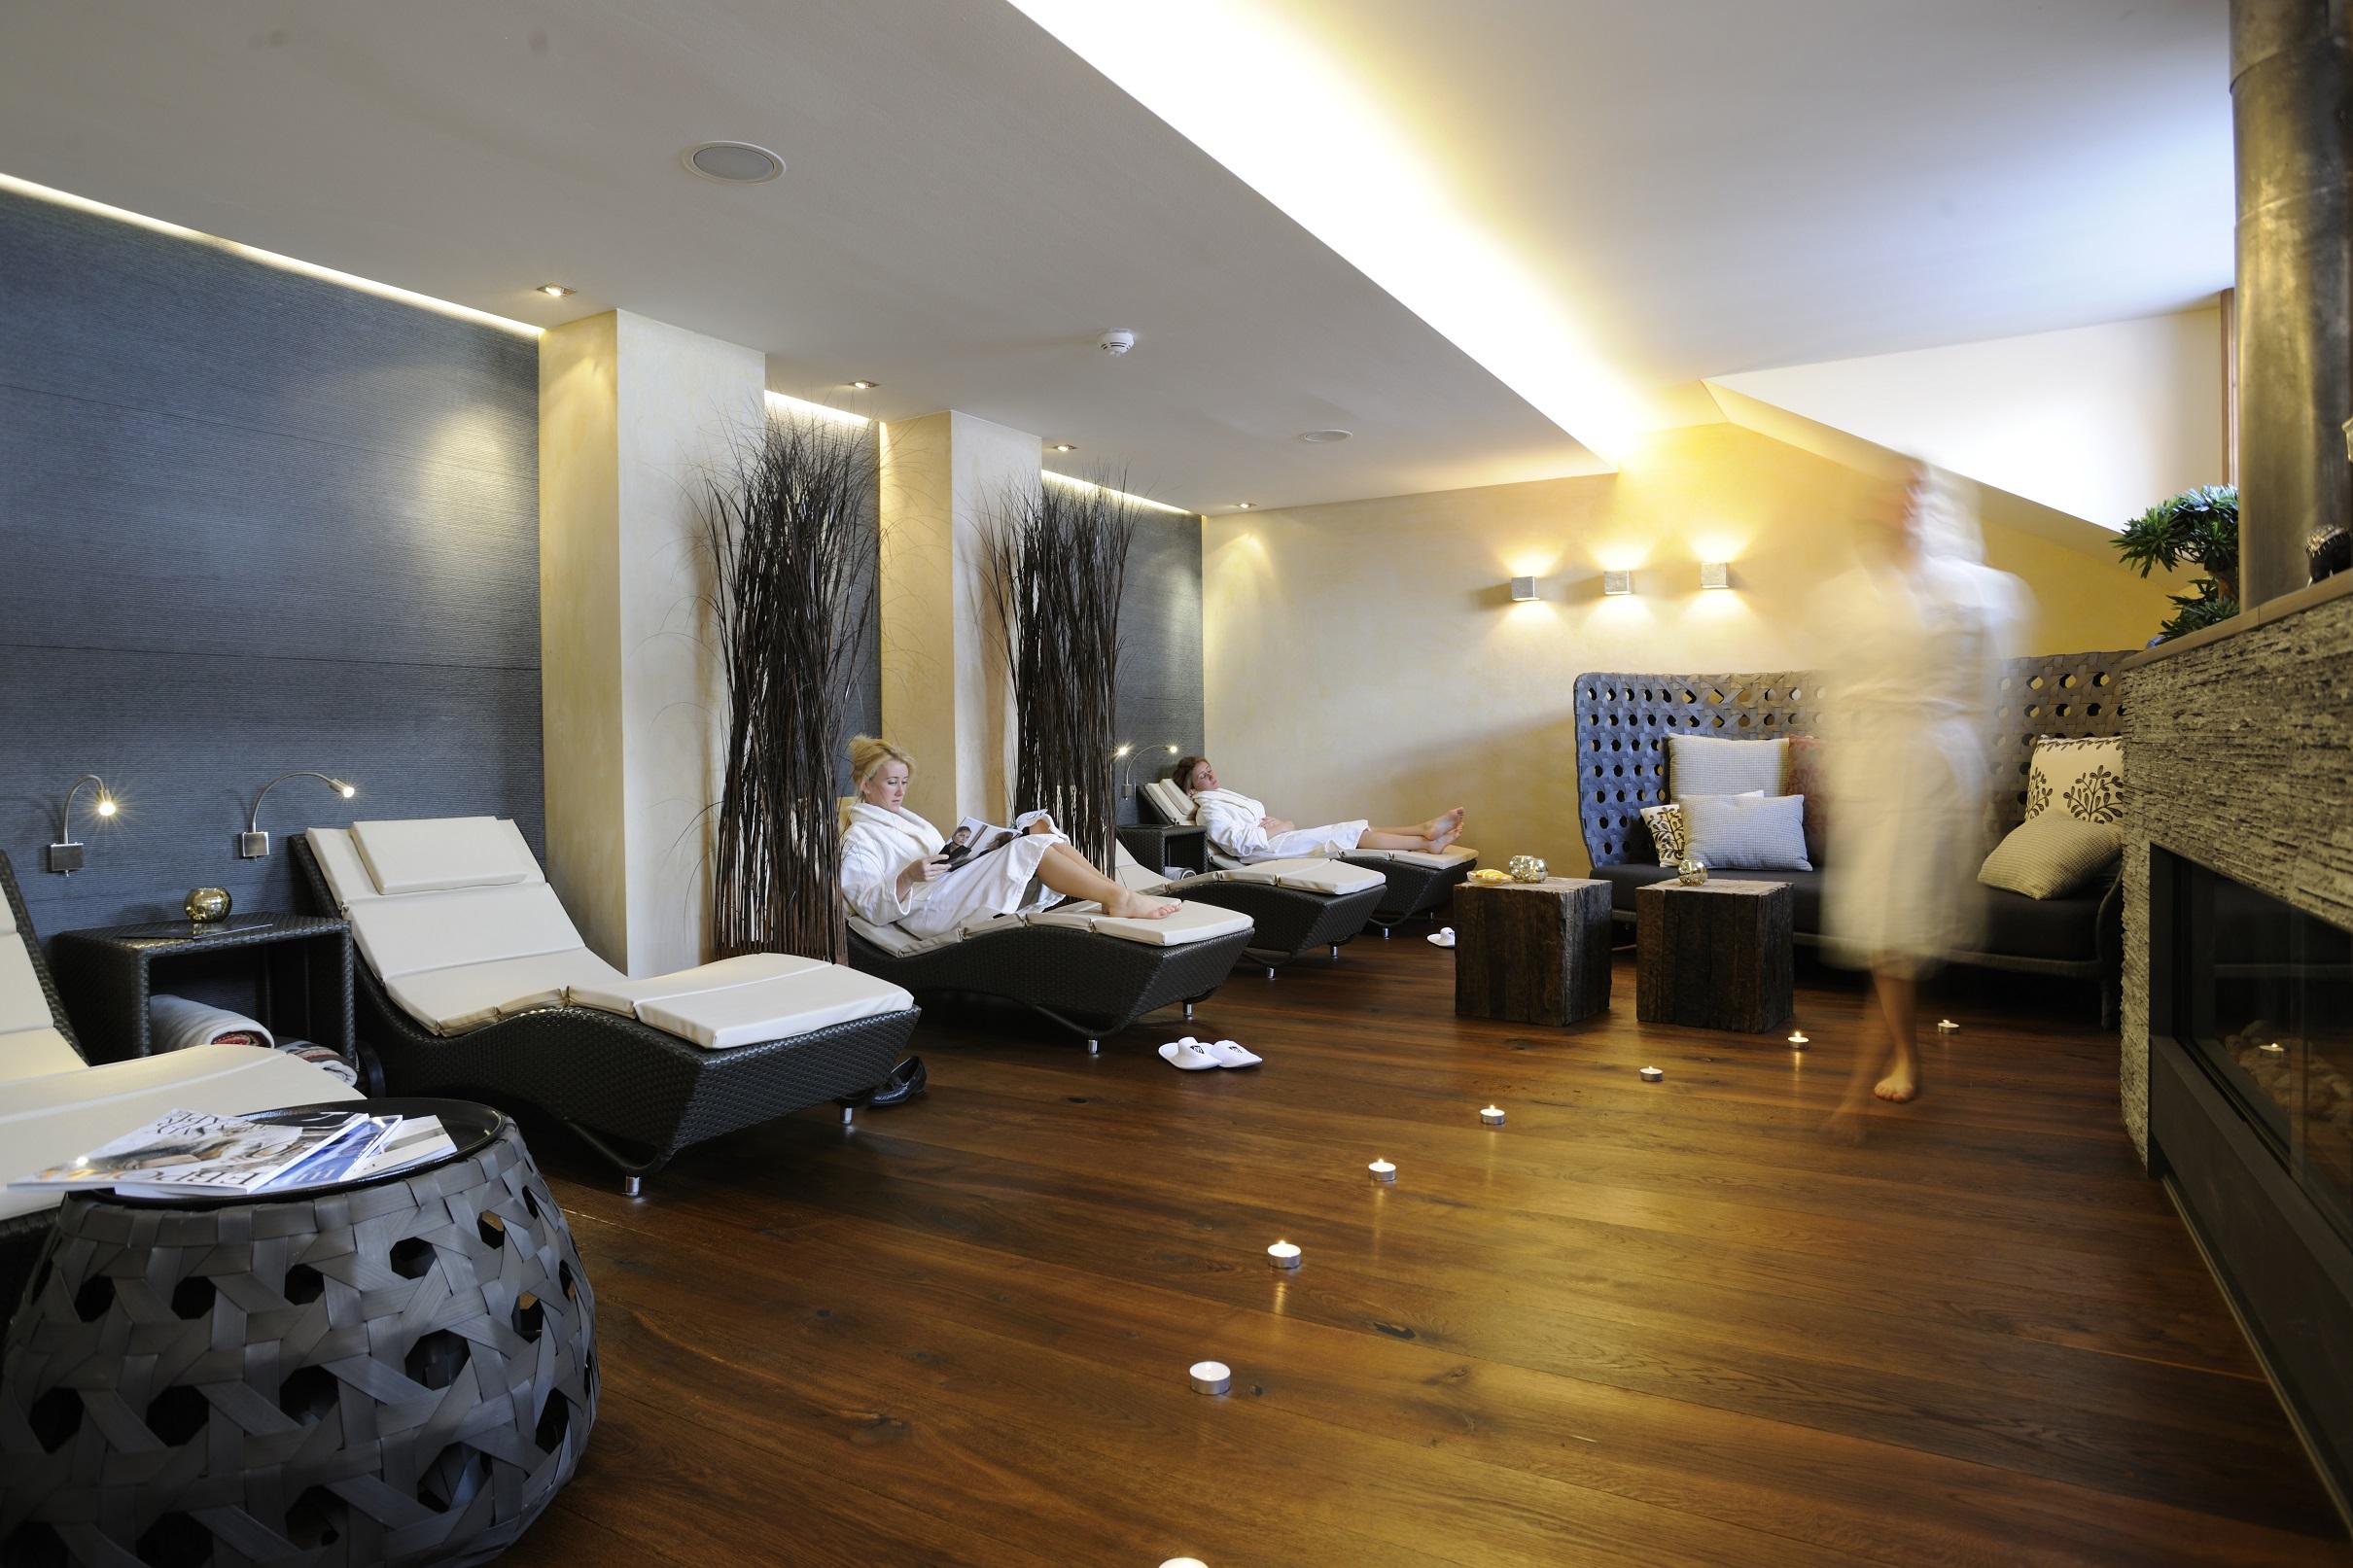 Chalet Hotel Bentley S House In Zurs Austria White